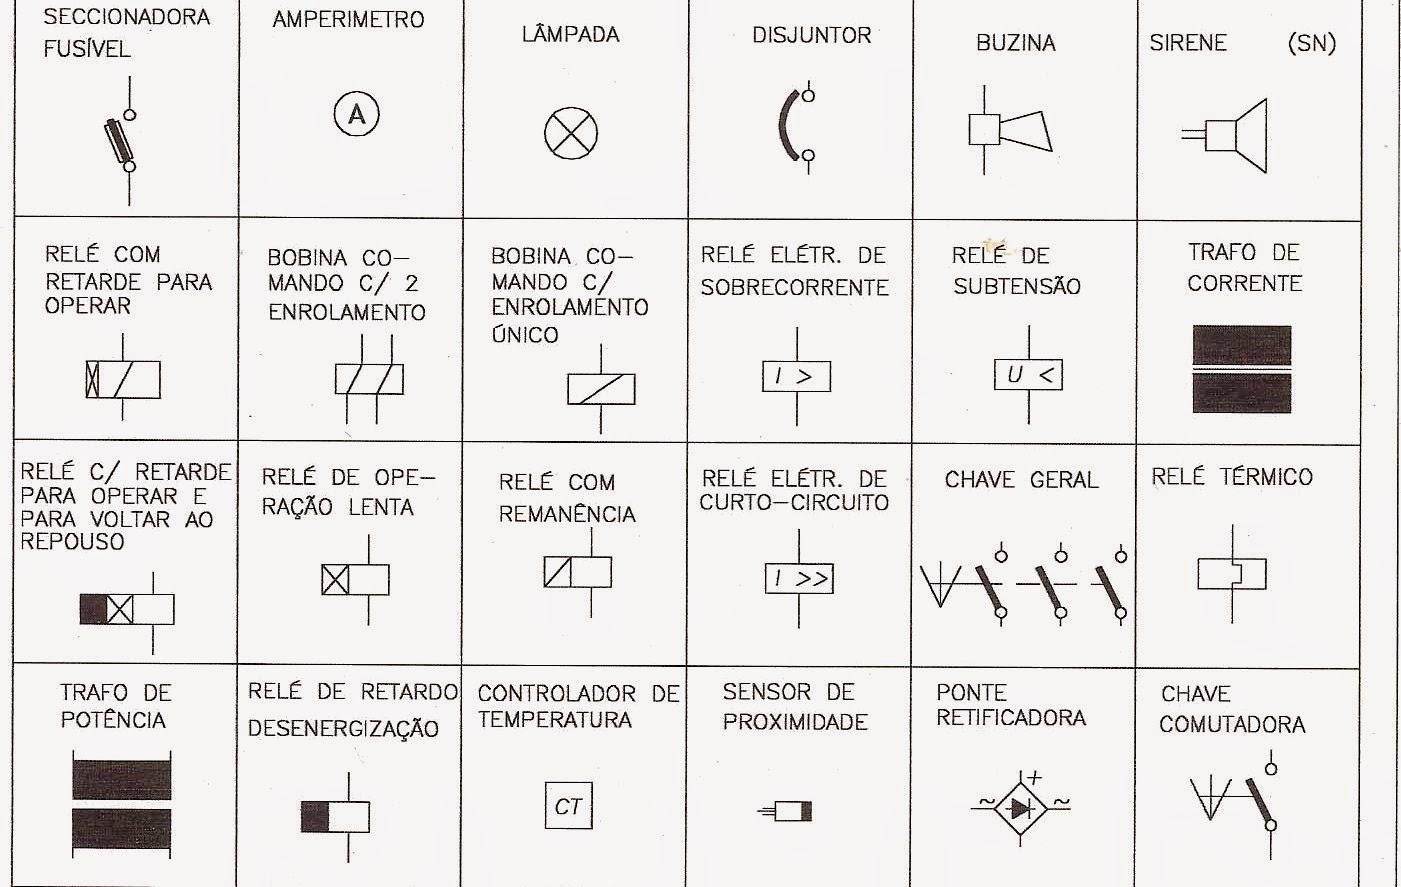 Simbolos-Eletricos-1.jpg